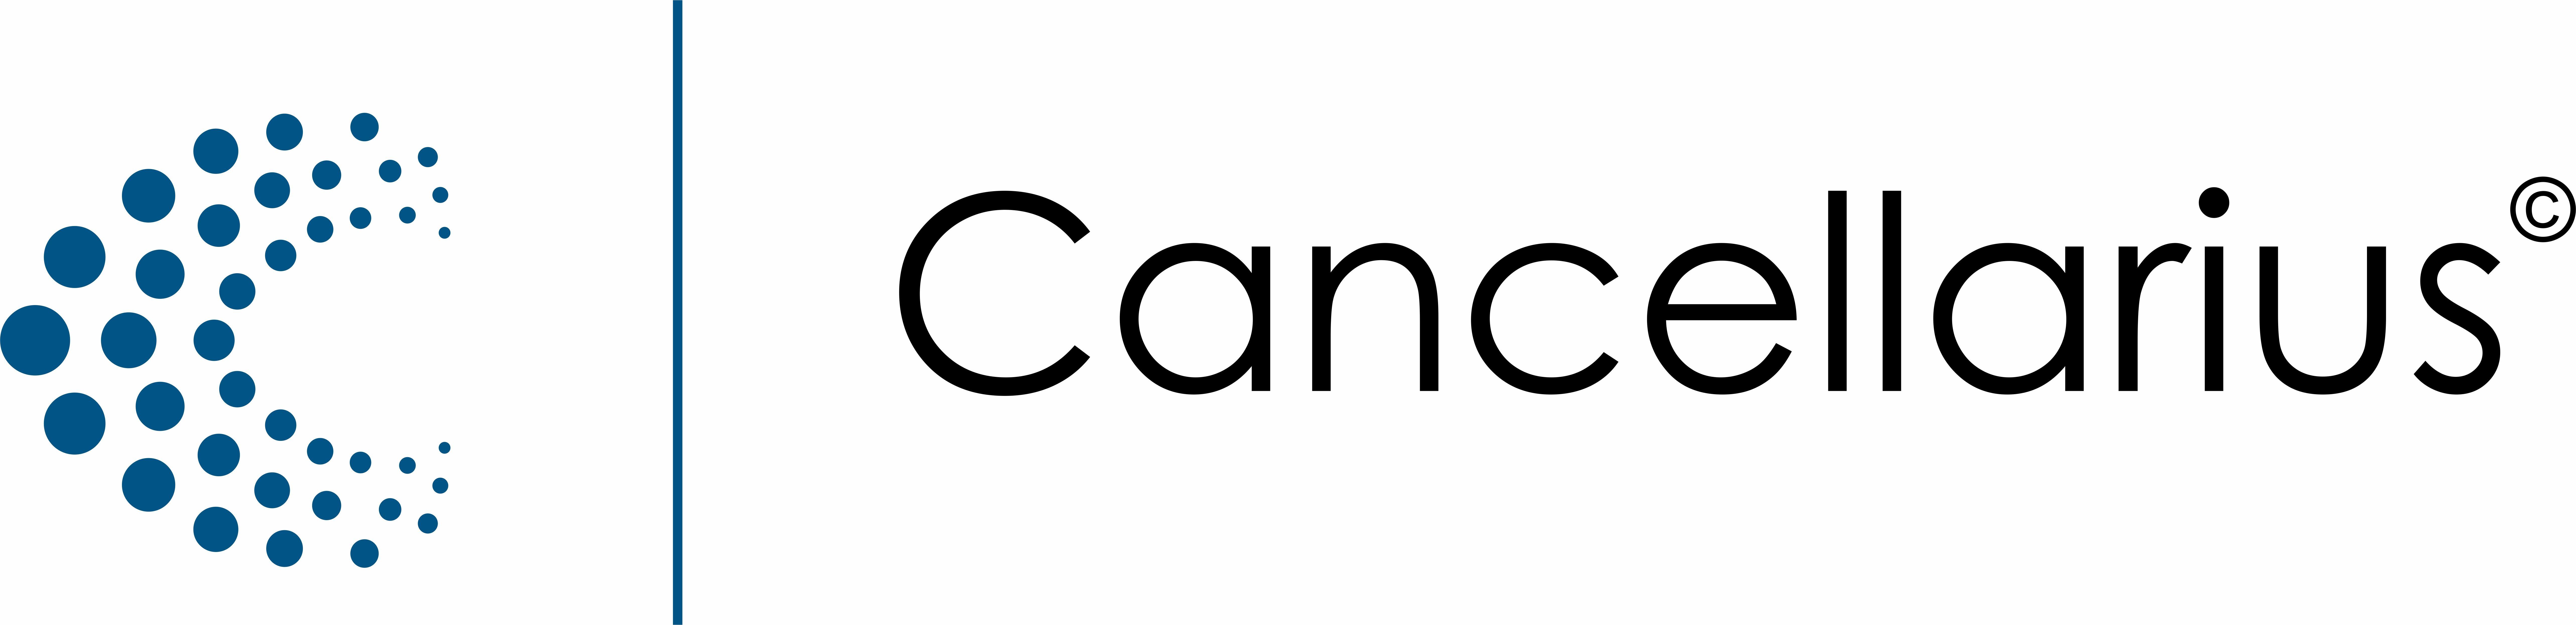 Cancellarius ©